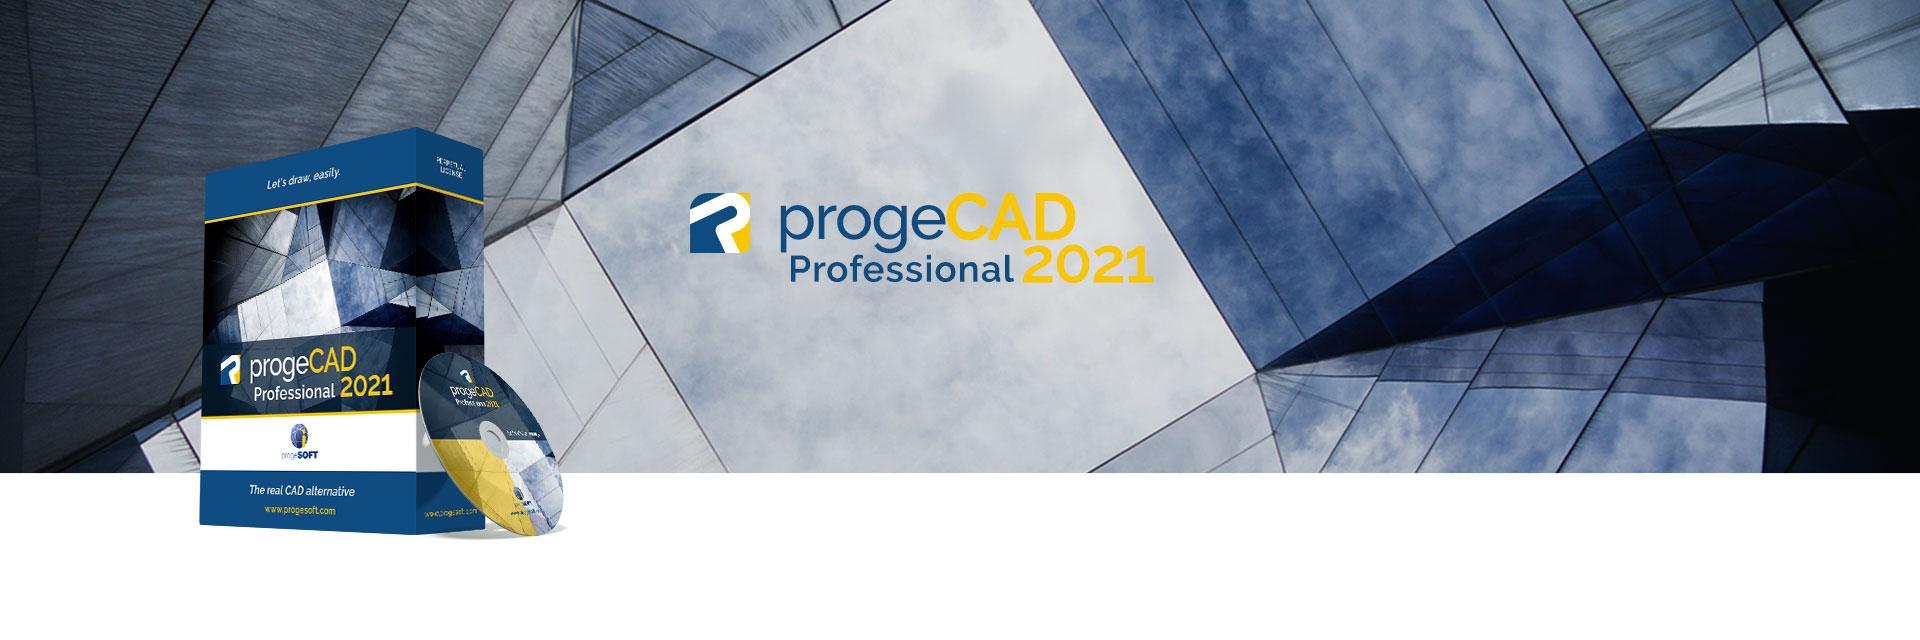 progecad_2021